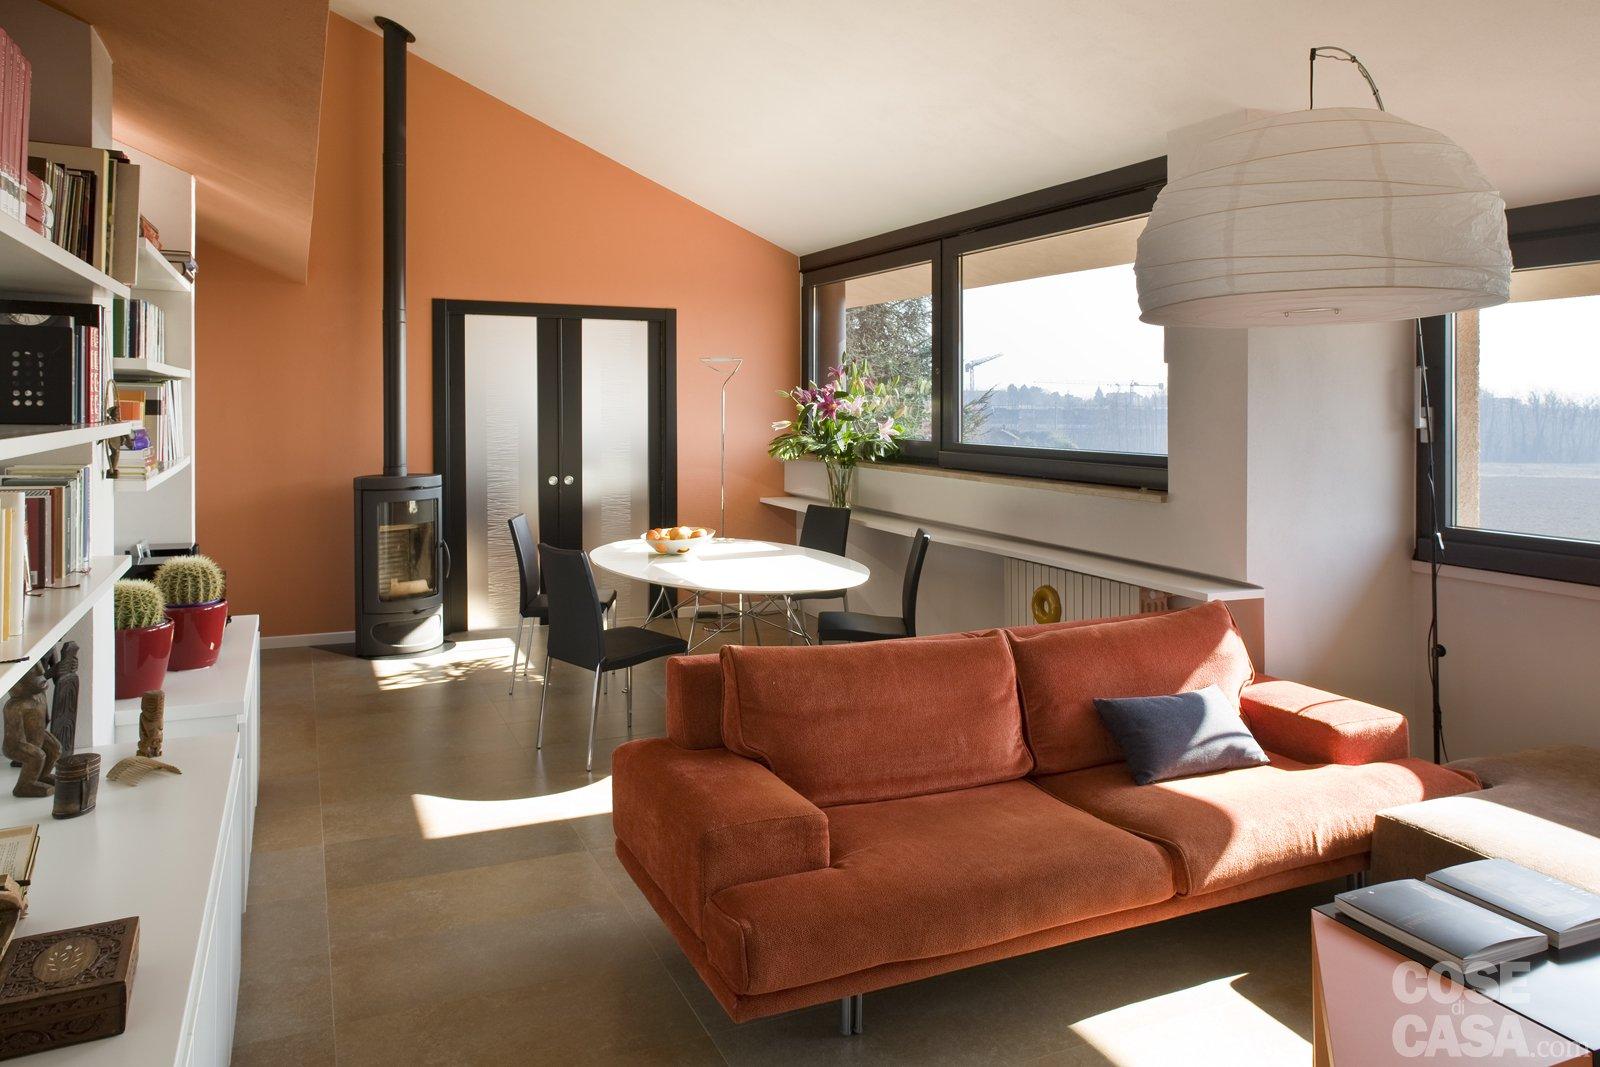 Casa in mansarda con le soluzioni giuste per gli spazi for Cucine arredate